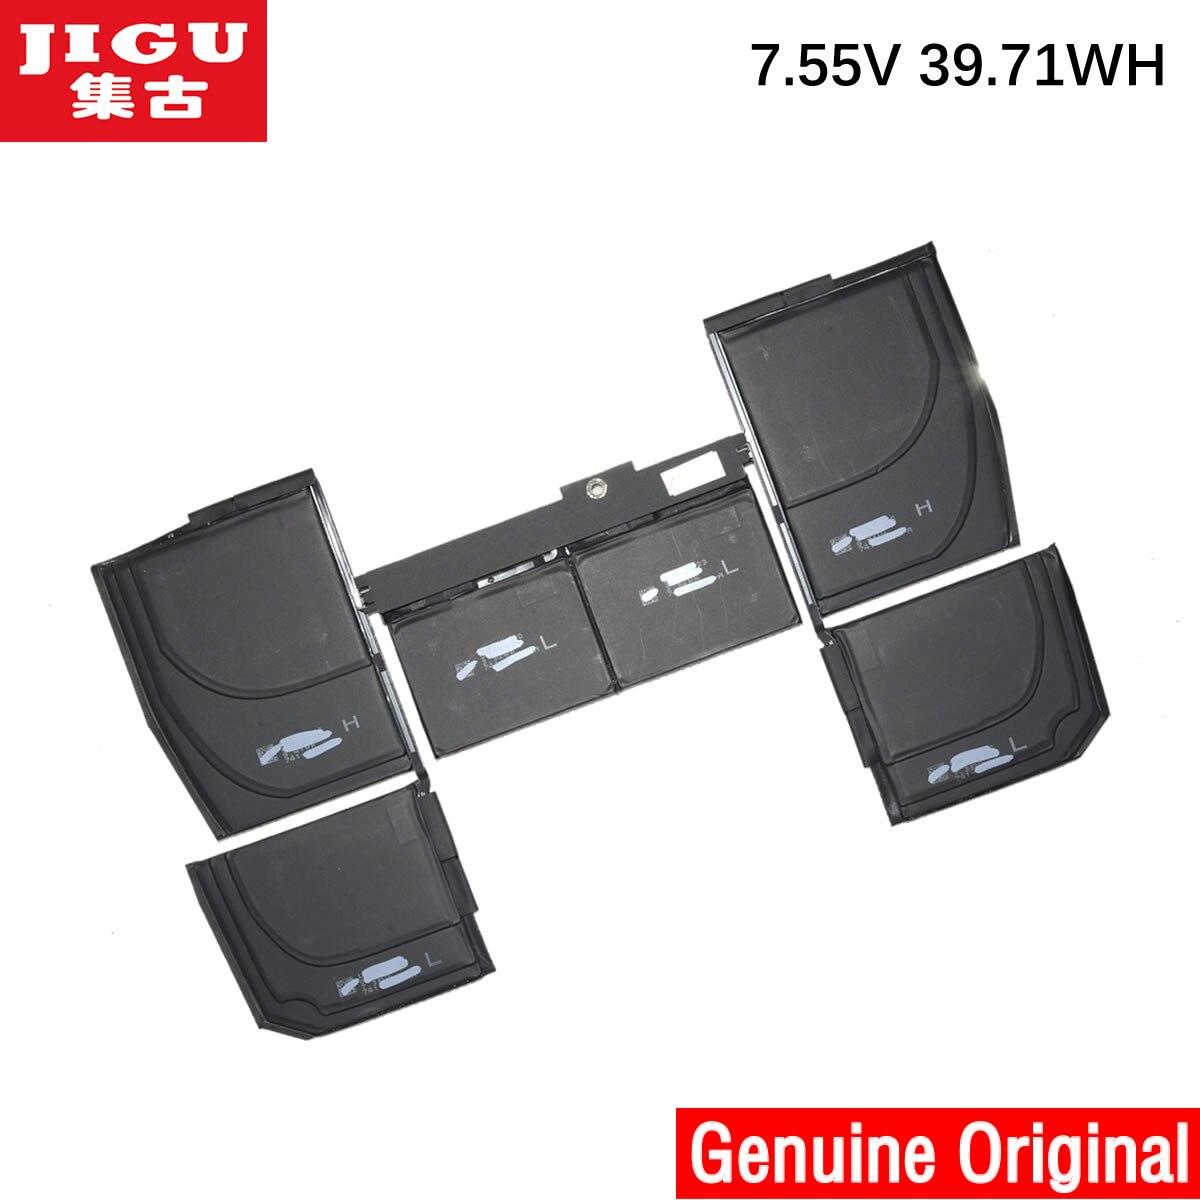 JIGU A1527 Original Laptop Battery For APPLE MacBook 12